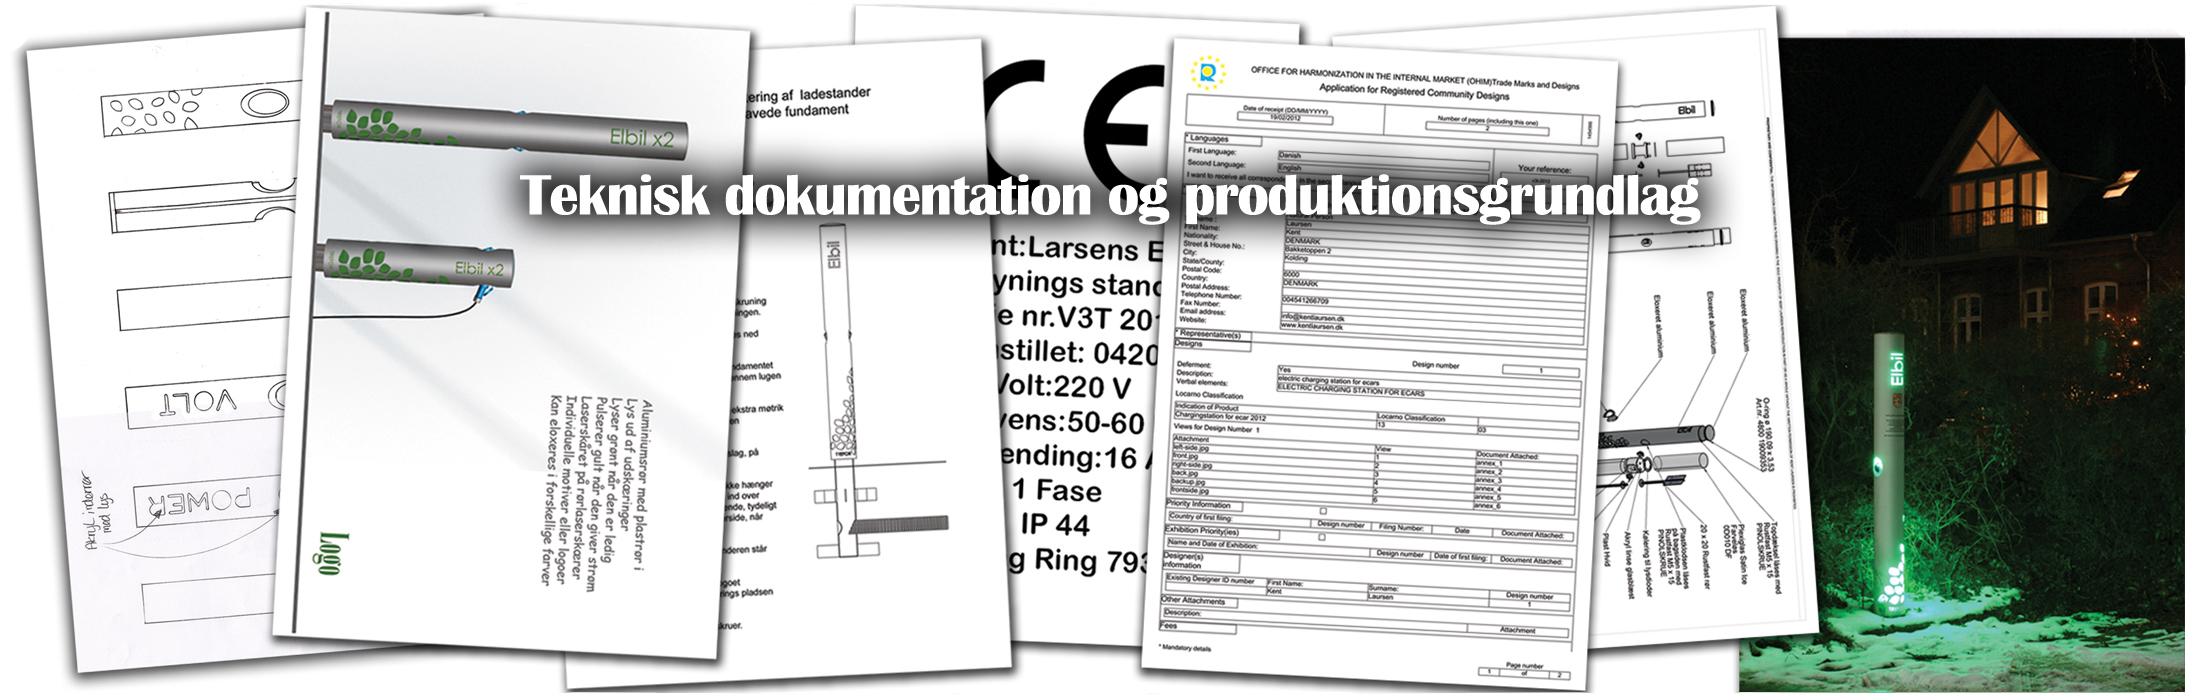 Teknisk dokumentation og produkltionsgrundlag fra Kent Laursen Industrielt Design